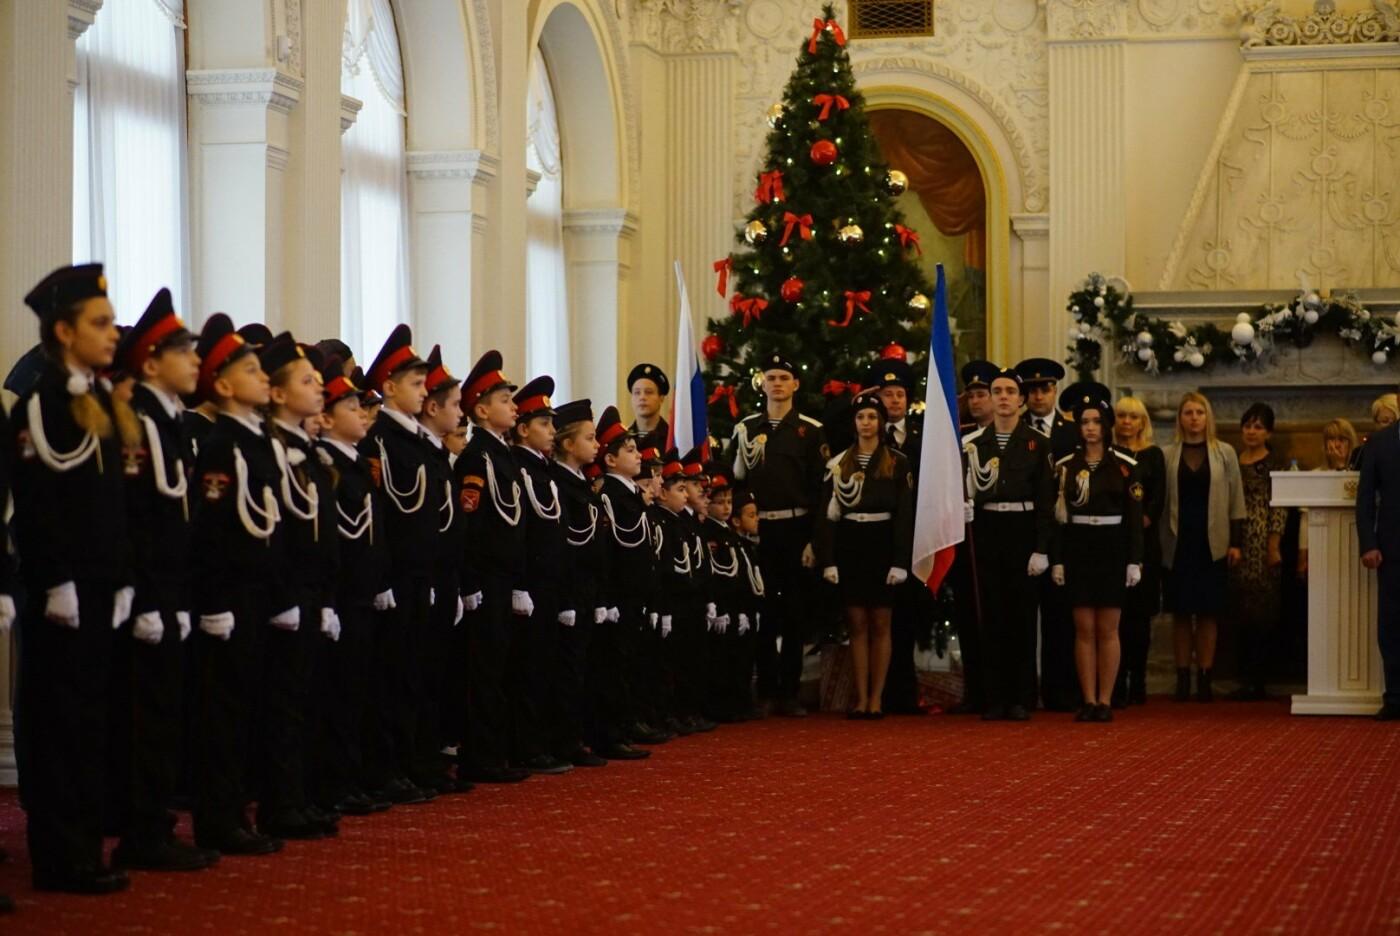 Юные кадеты Ялты примут присягу в Ливадийском дворце, фото-1